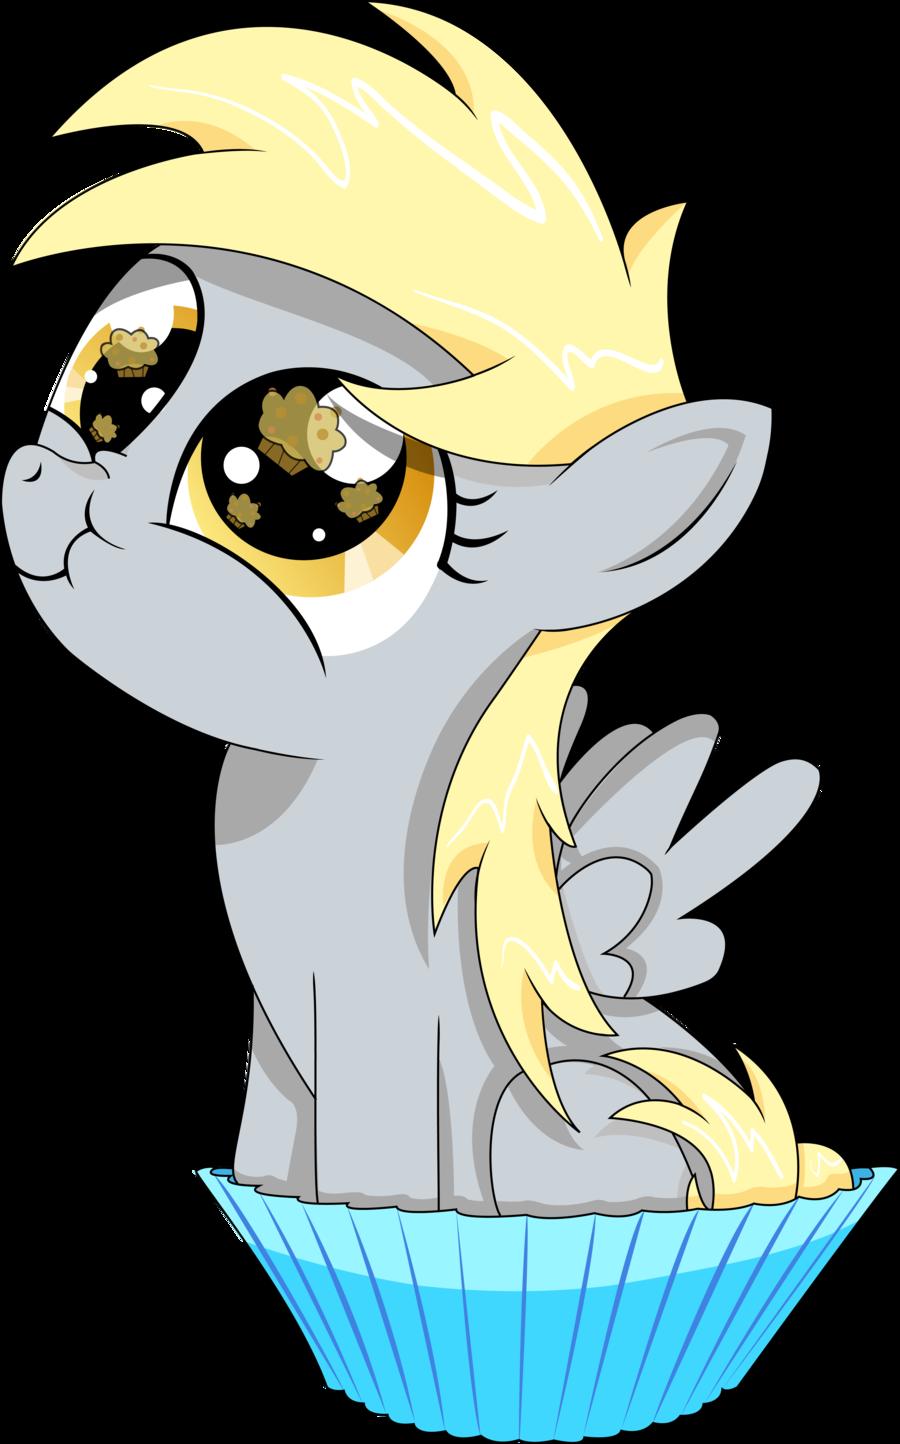 derpy-hooves-eyes